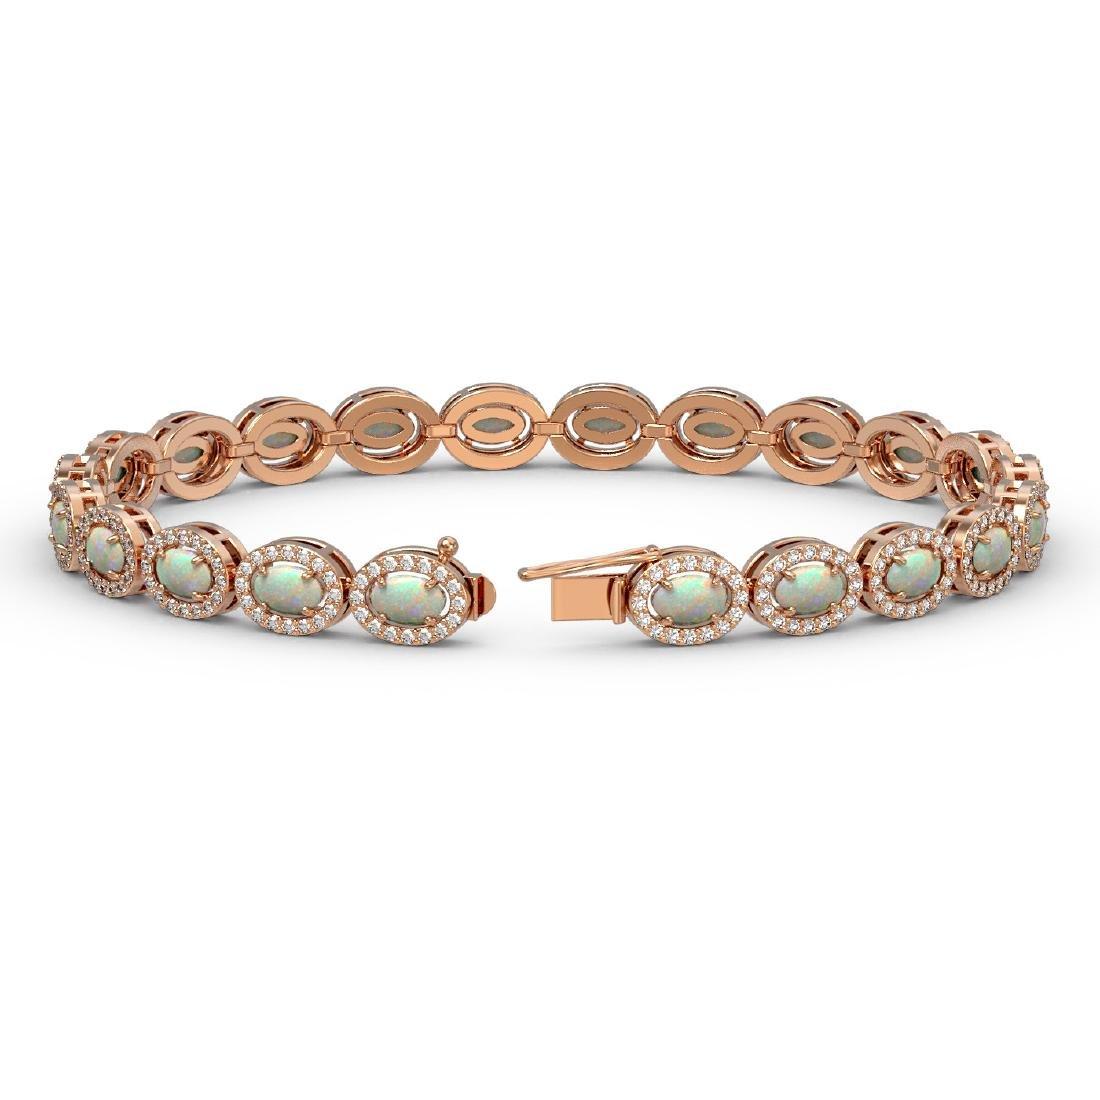 8.28 CTW Opal & Diamond Halo Bracelet 10K Rose Gold - 2